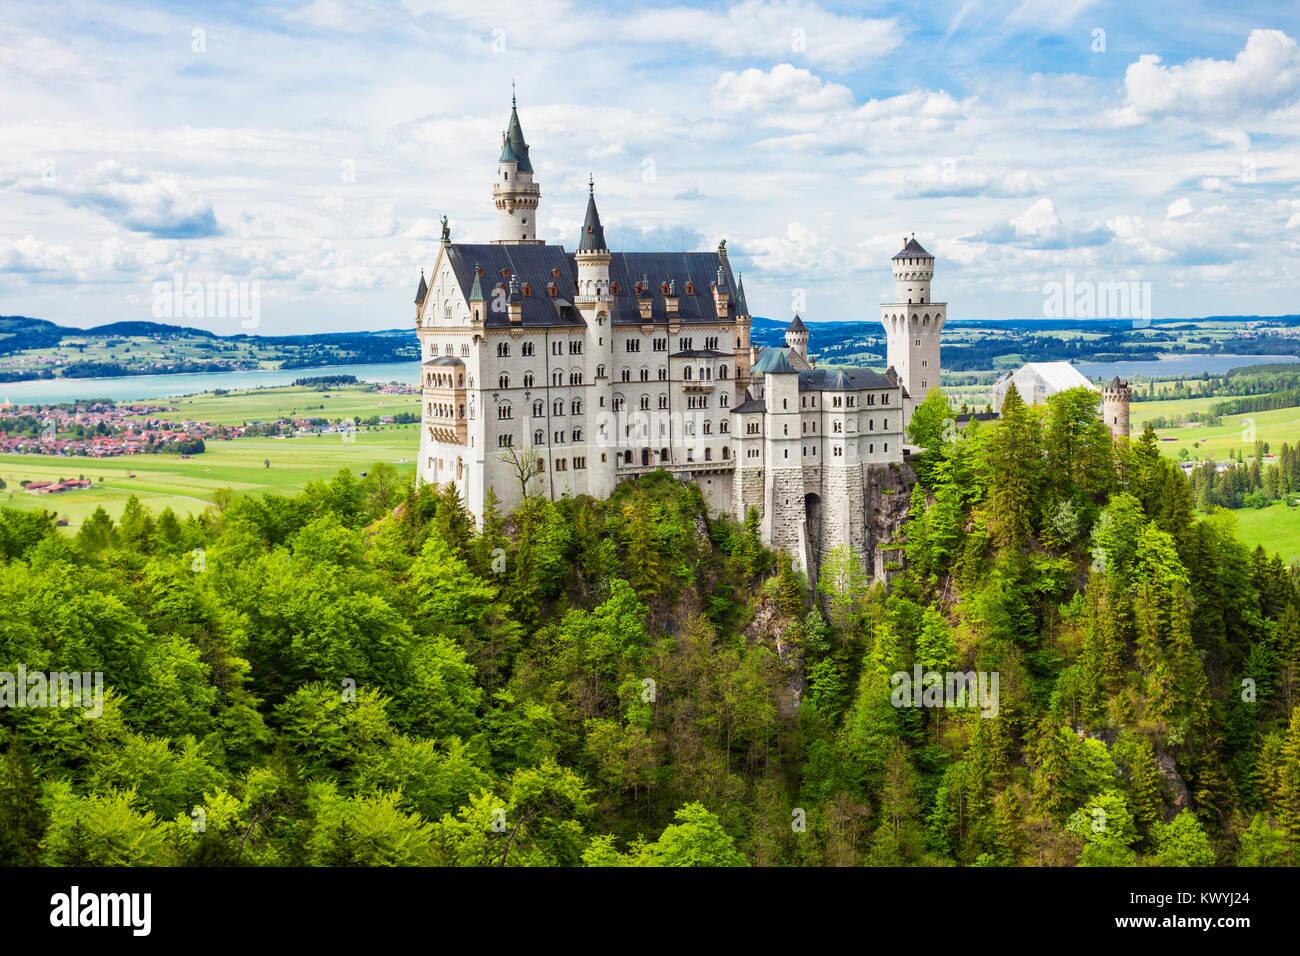 Schloss Neuschwanstein oder Neue swanstone Castle ist ein Neoromanischen Palace in Hohenschwangau Village in der Stockbild